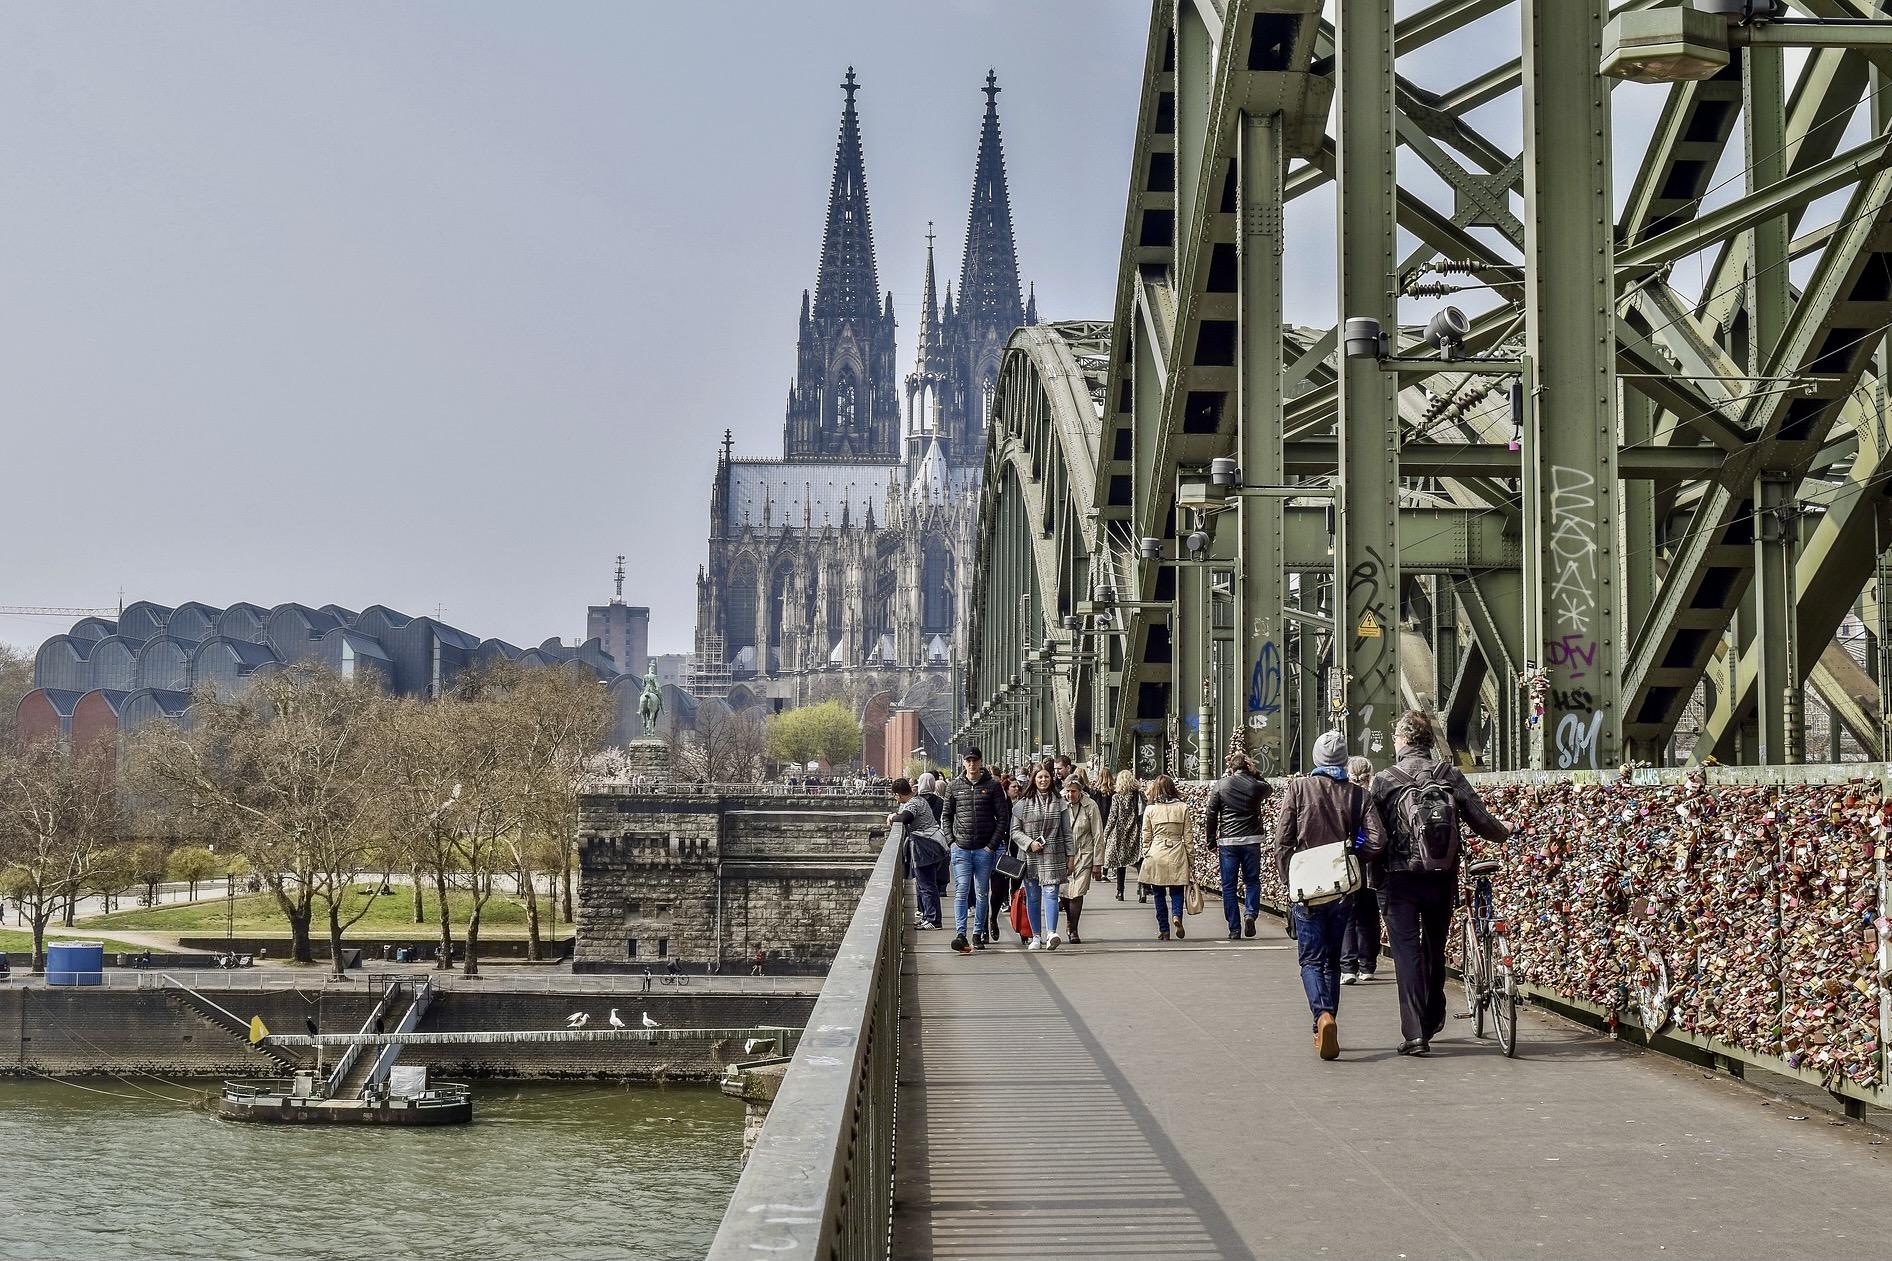 Zu den Köln Sehenswürdigkeiten gehört auch die Hohenzollernbrücke